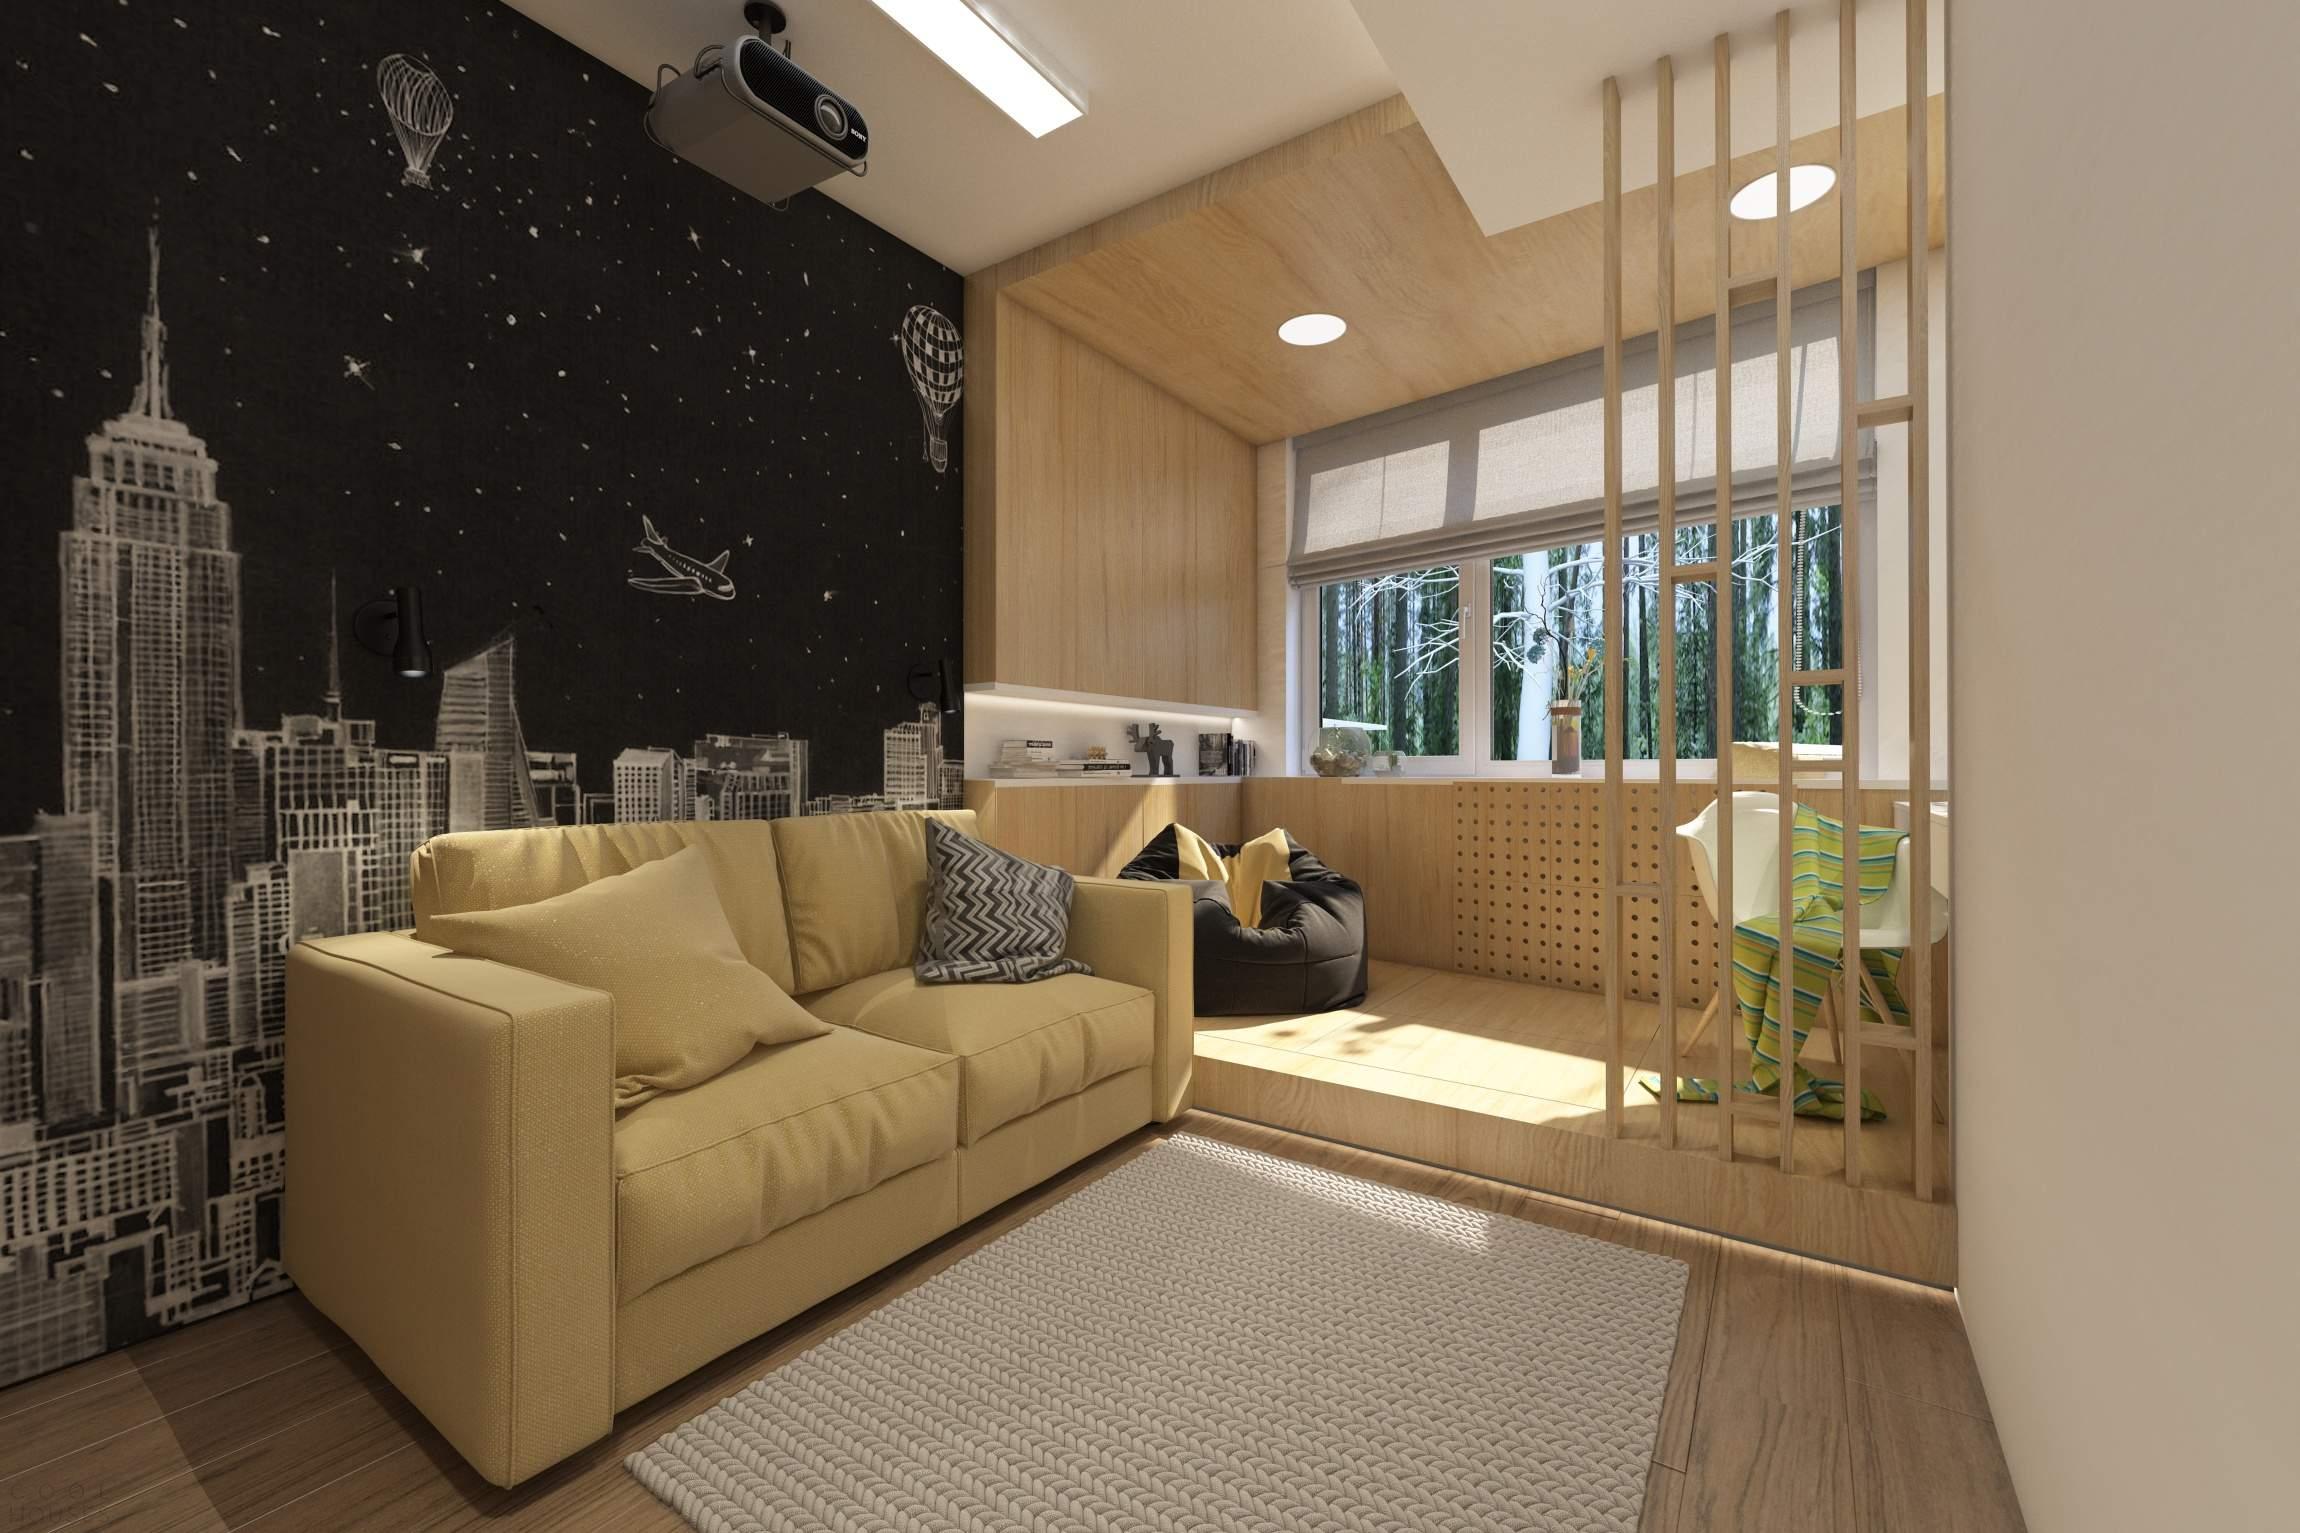 Стильная современная квартира в лесу, Украина